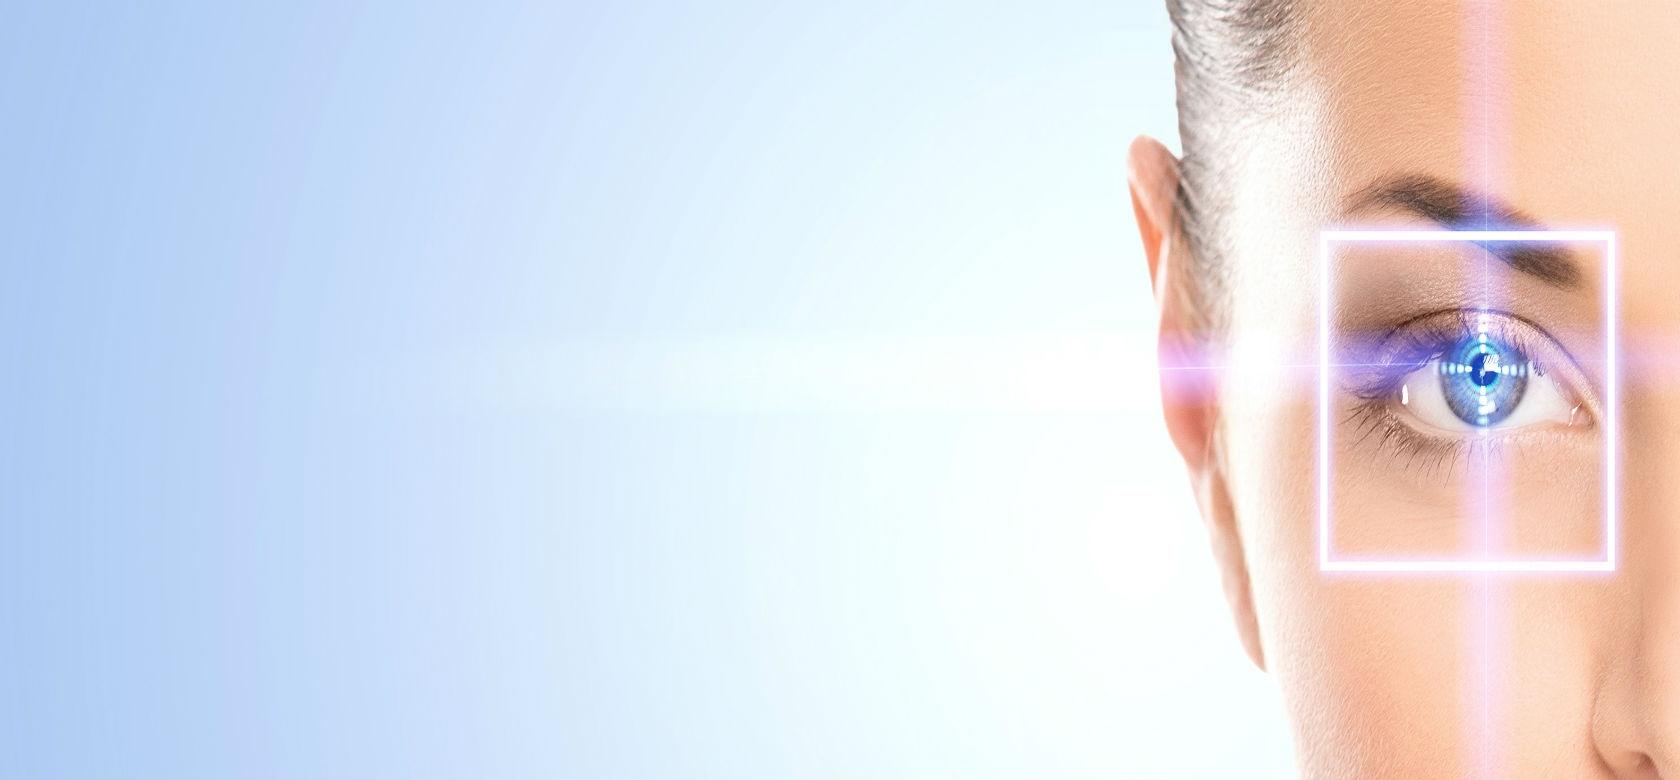 Лазер как метод устранения болевых синдромов